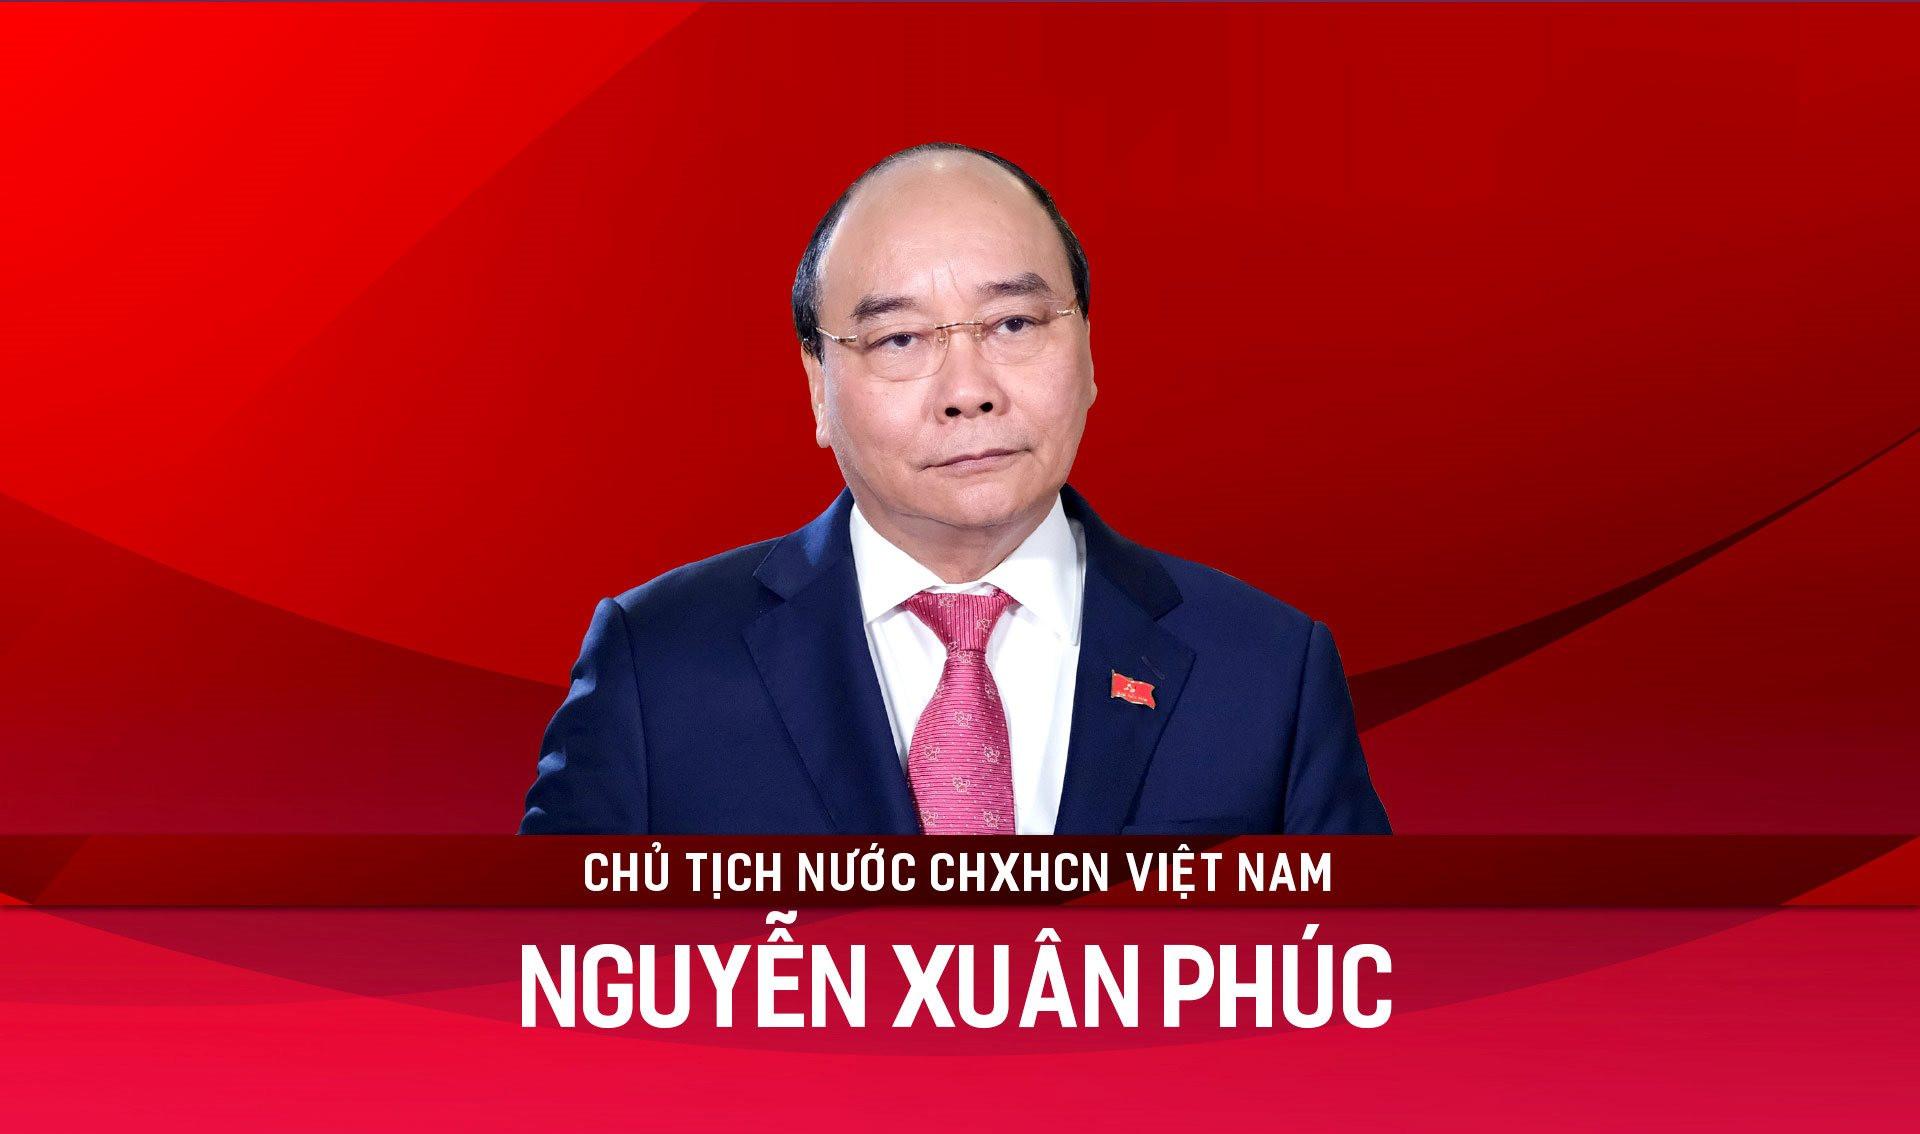 tieu-su-chu-tich-nuoc-nguyen-xuan-phuc.jpg